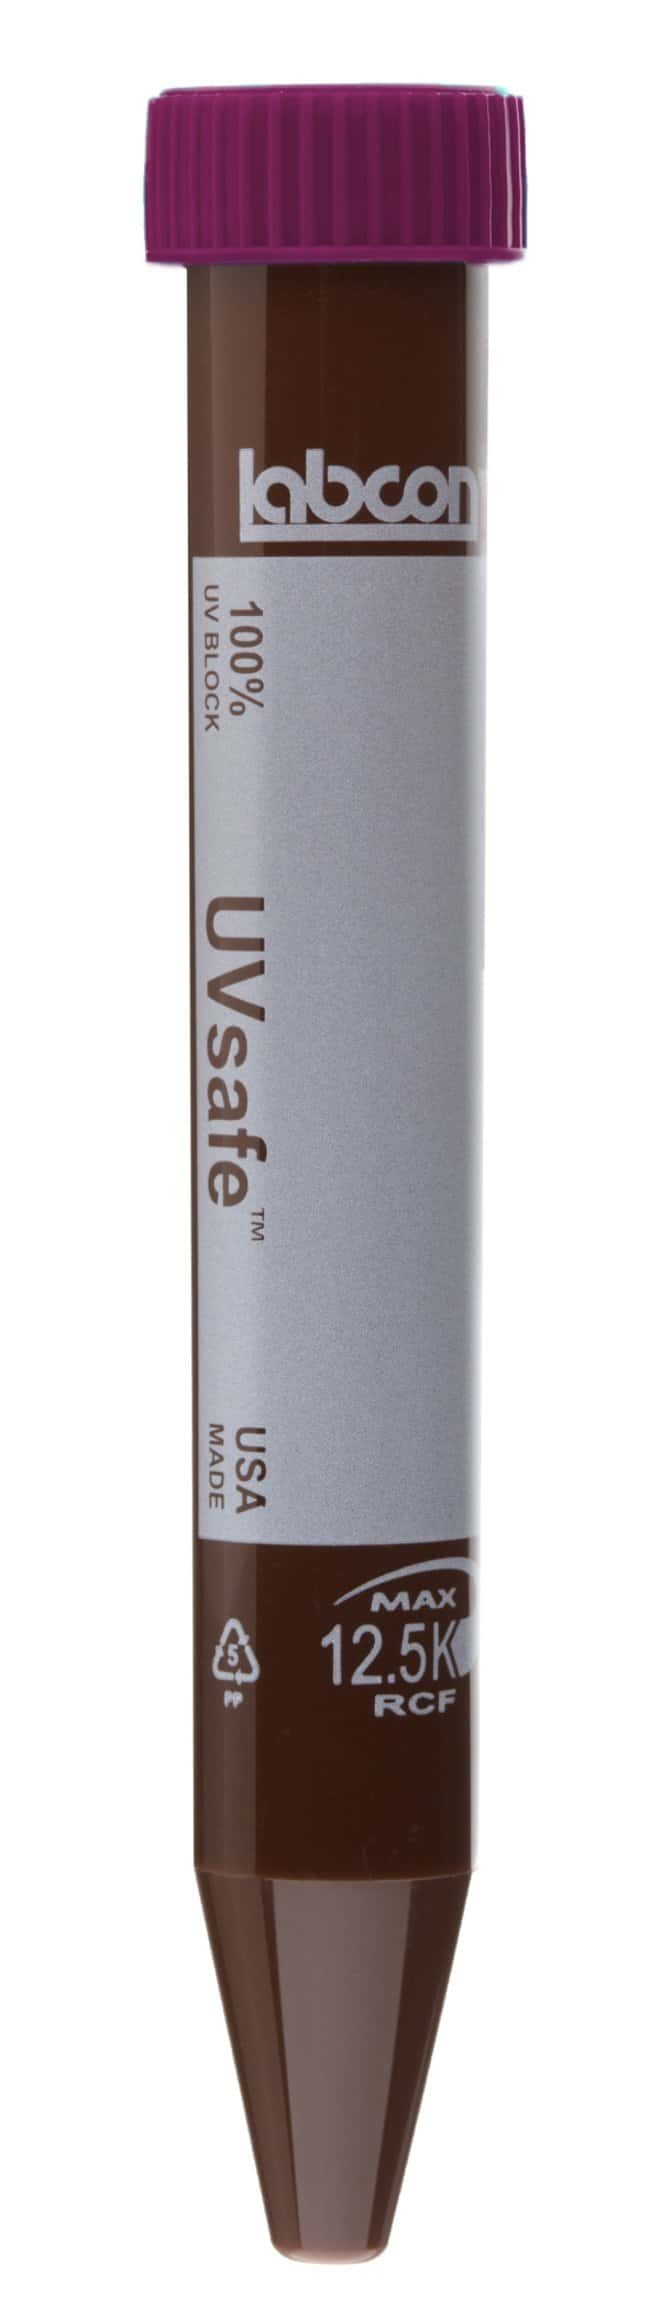 Labcon15 mL UVSafe™ Centrifuge Tubes with Plug Style Caps 25tubes par rack à faible teneur en fibre résiduelle/ 2racks par boîte/ 10boîtes par carton Labcon15 mL UVSafe™ Centrifuge Tubes with Plug Style Caps